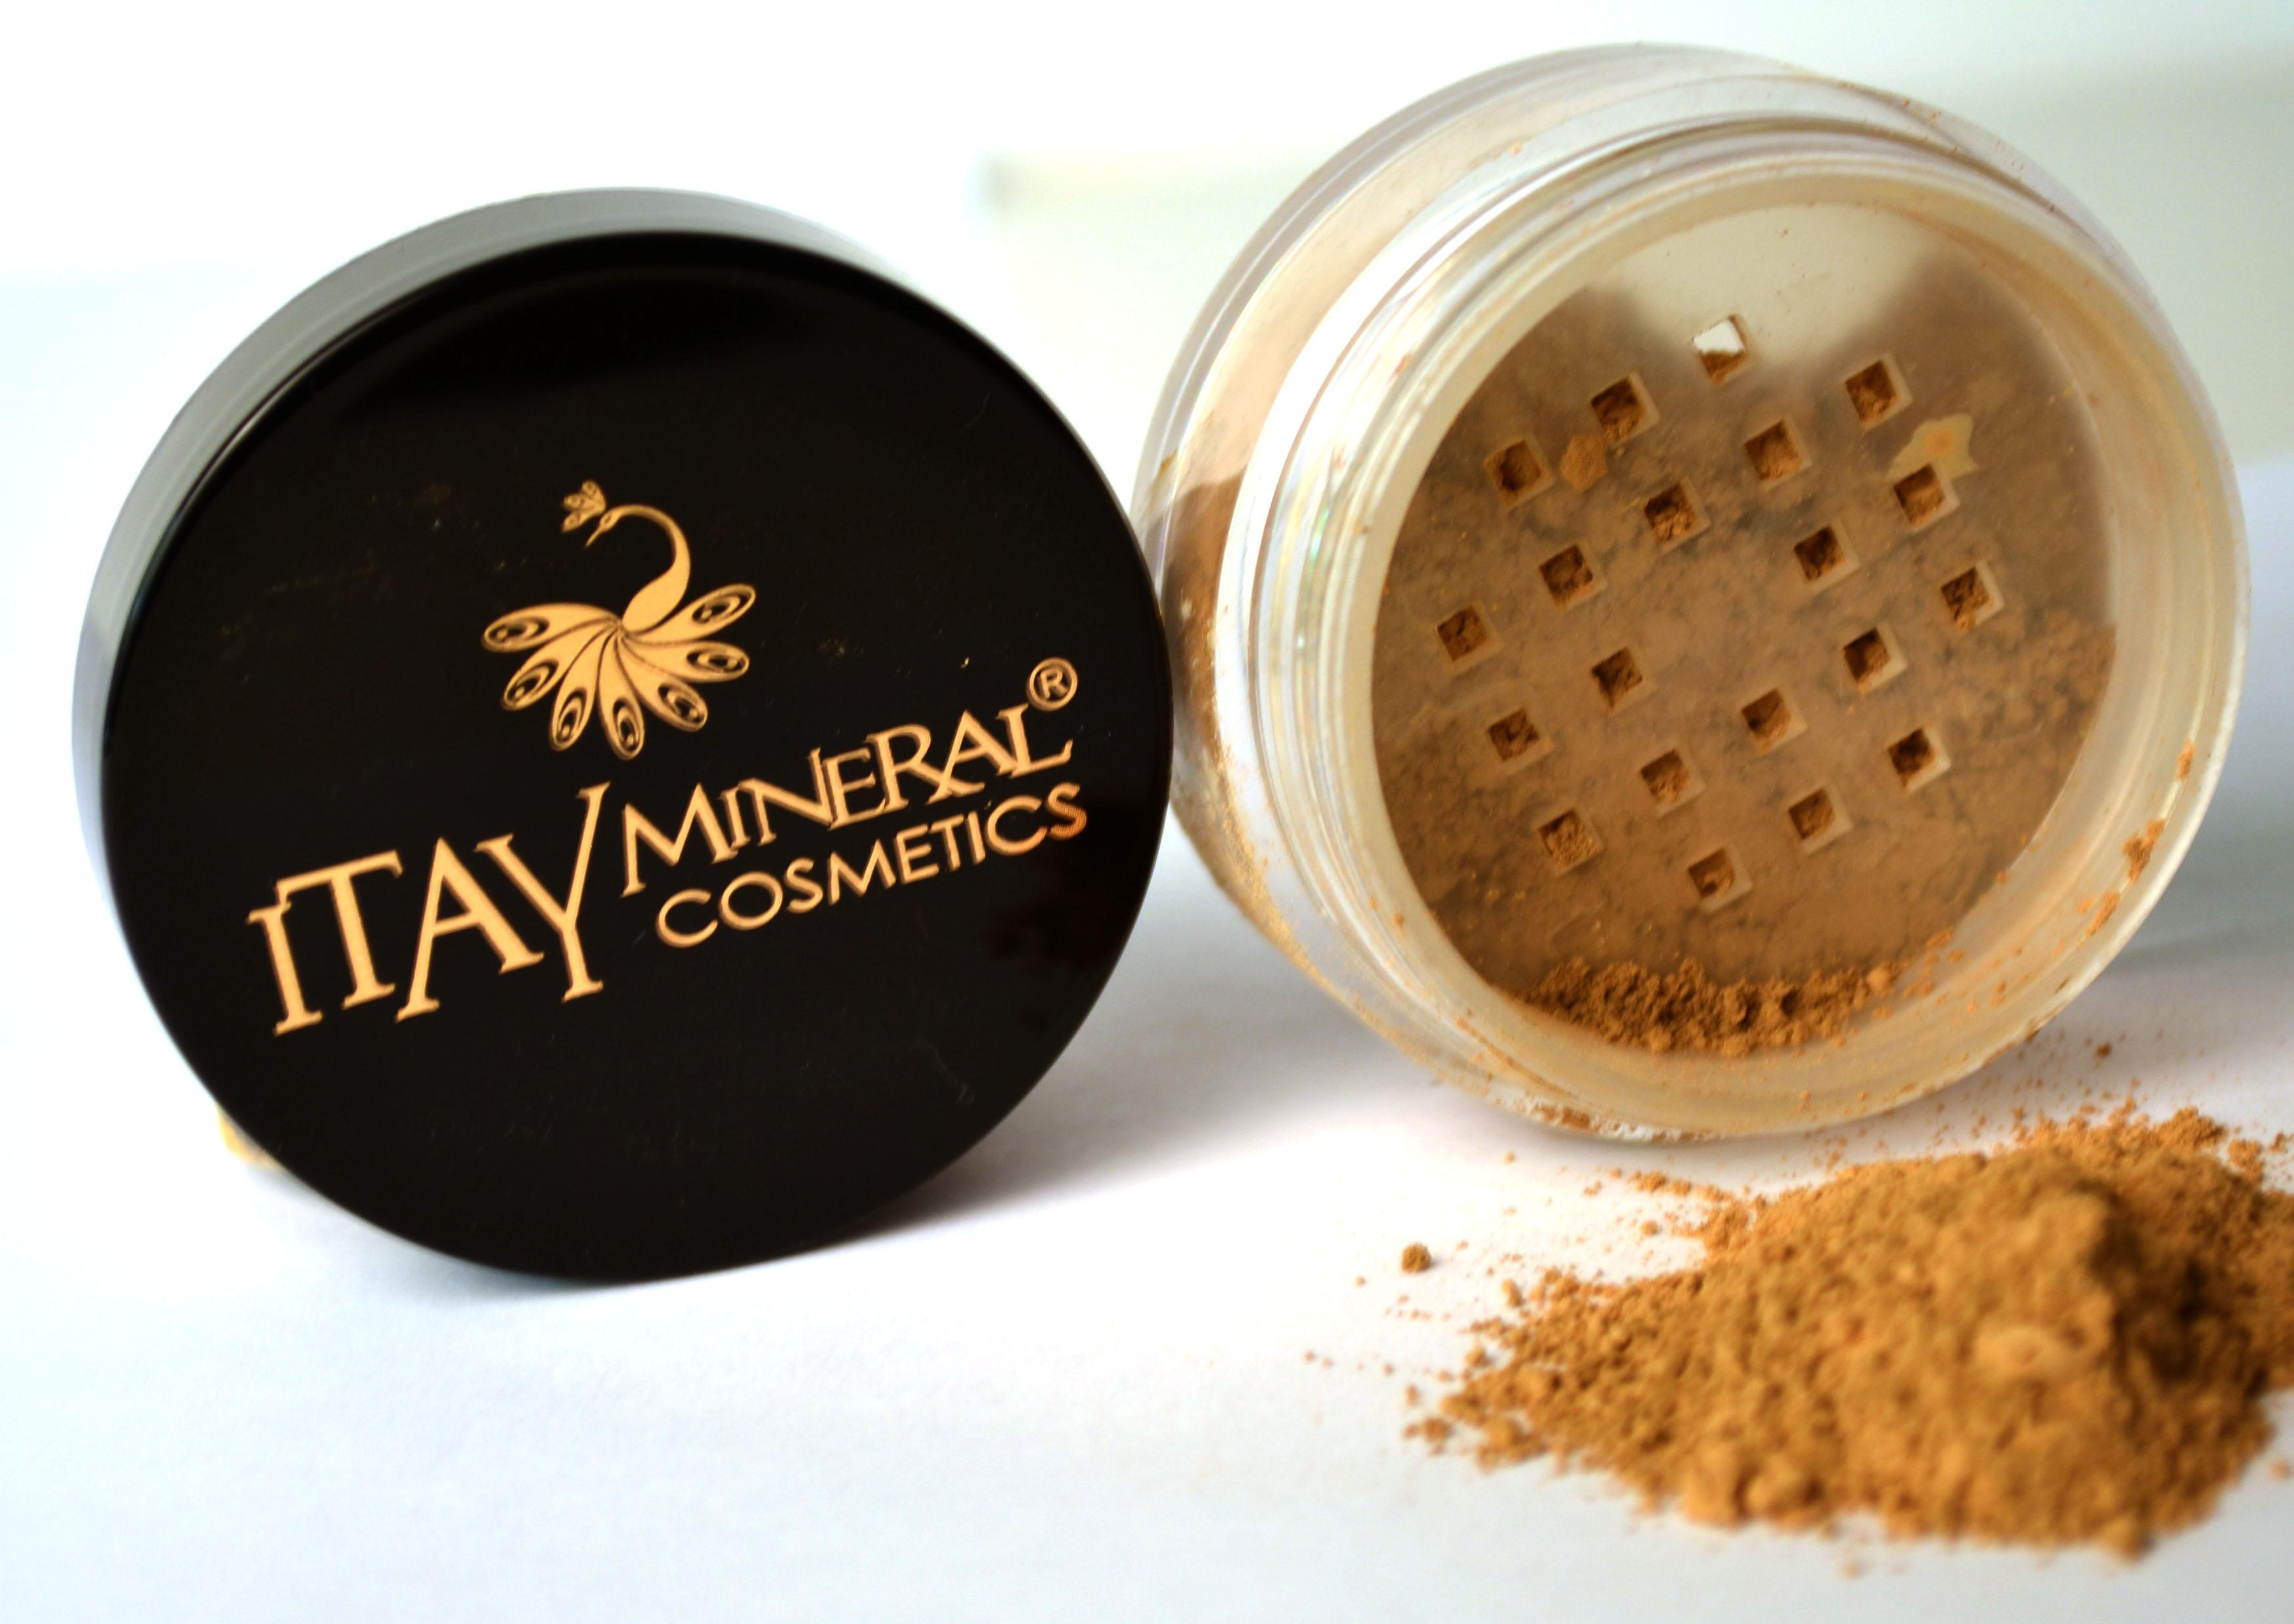 itay-mineral-foundation-9-gram.jpg